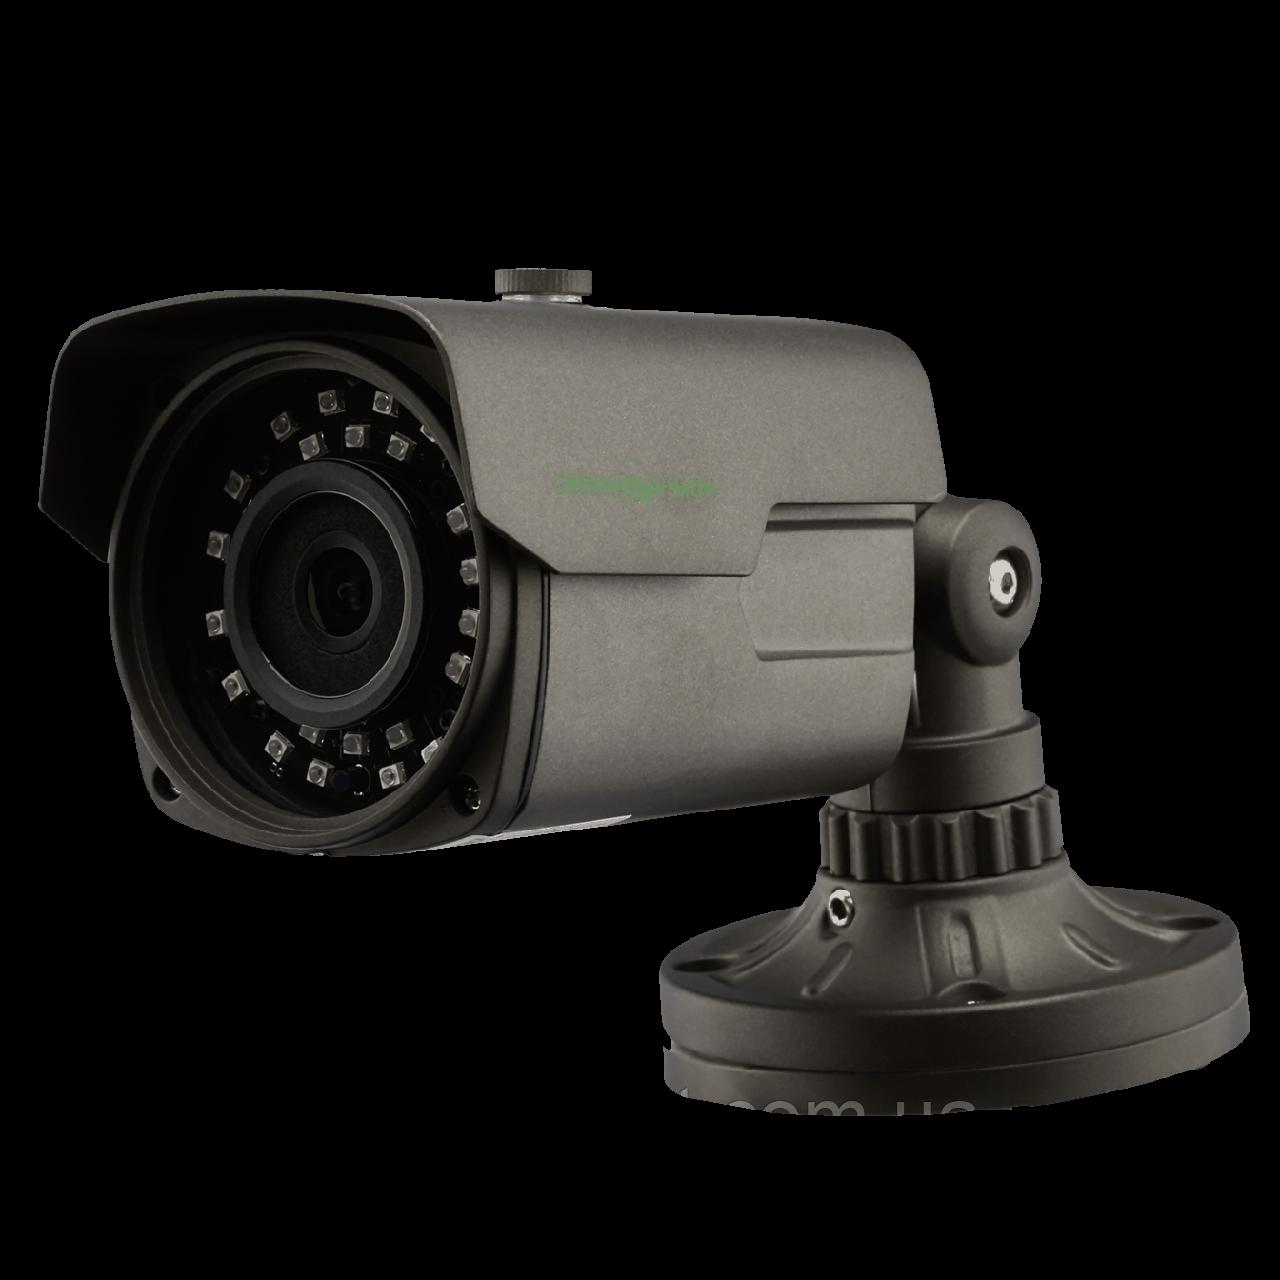 Зовнішня IP камера Green Vision GV-063-IP-E-COS50-40 Gray